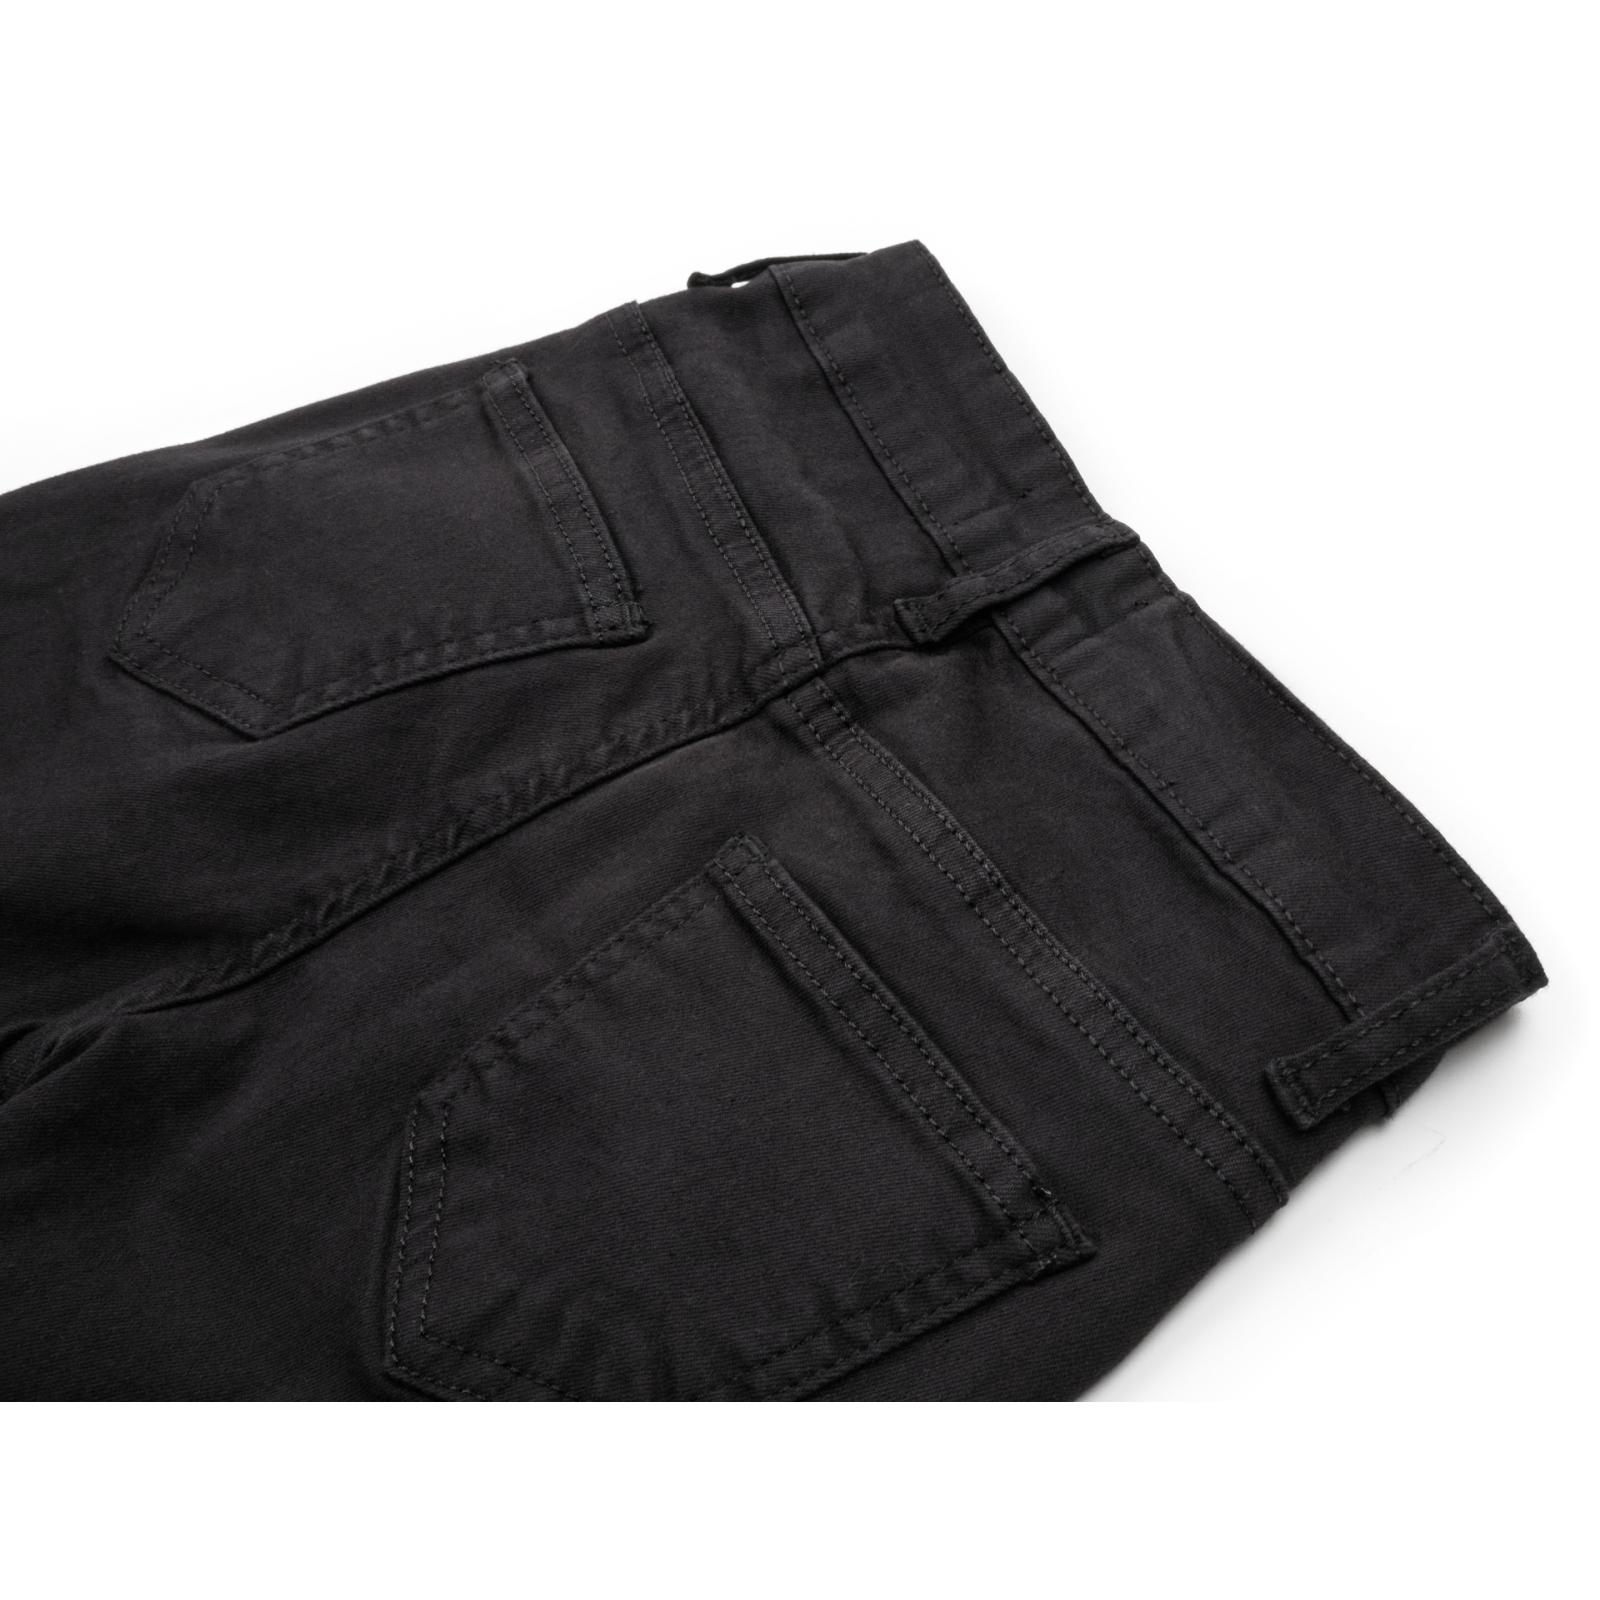 Штаны детские Breeze джинсовые зауженные (13212-146G-black) изображение 4